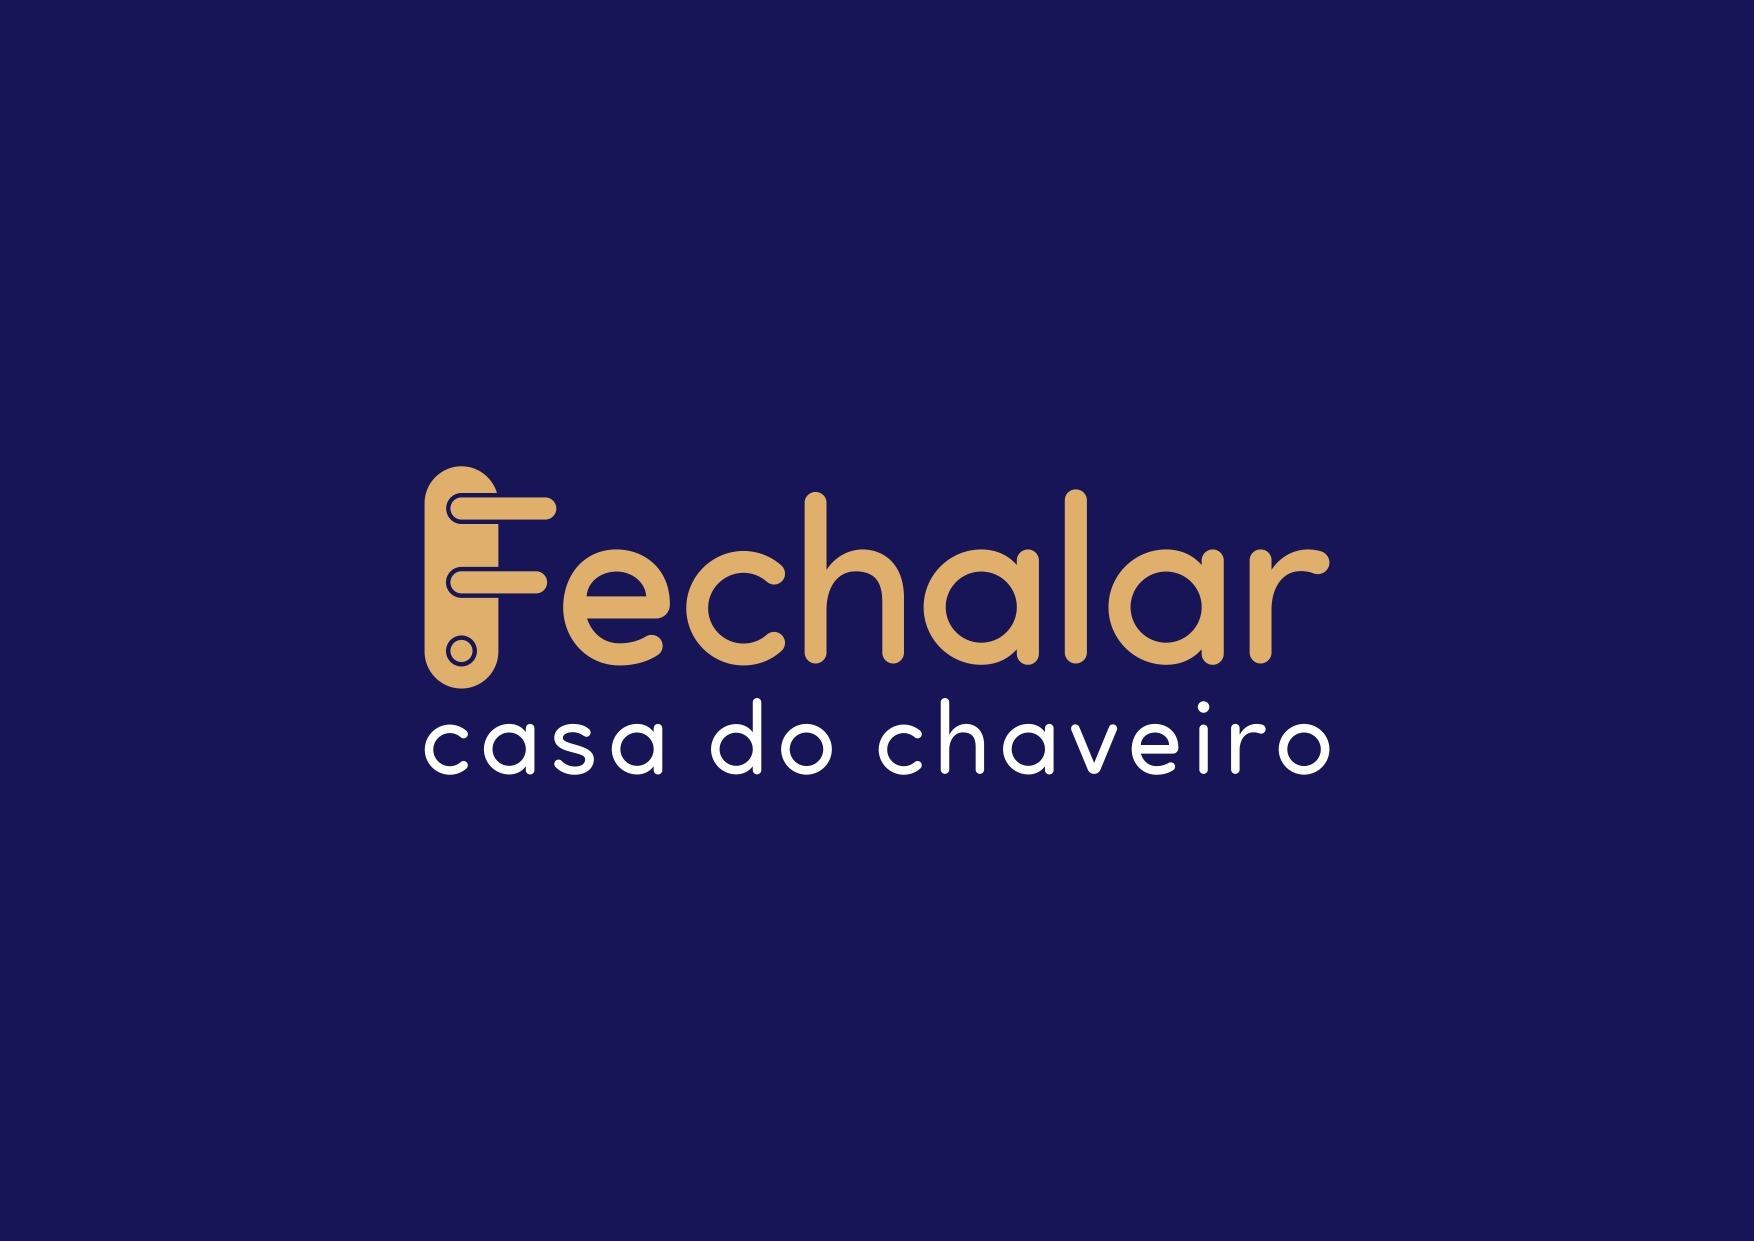 FECHALAR CASA DO CHAVEIRO